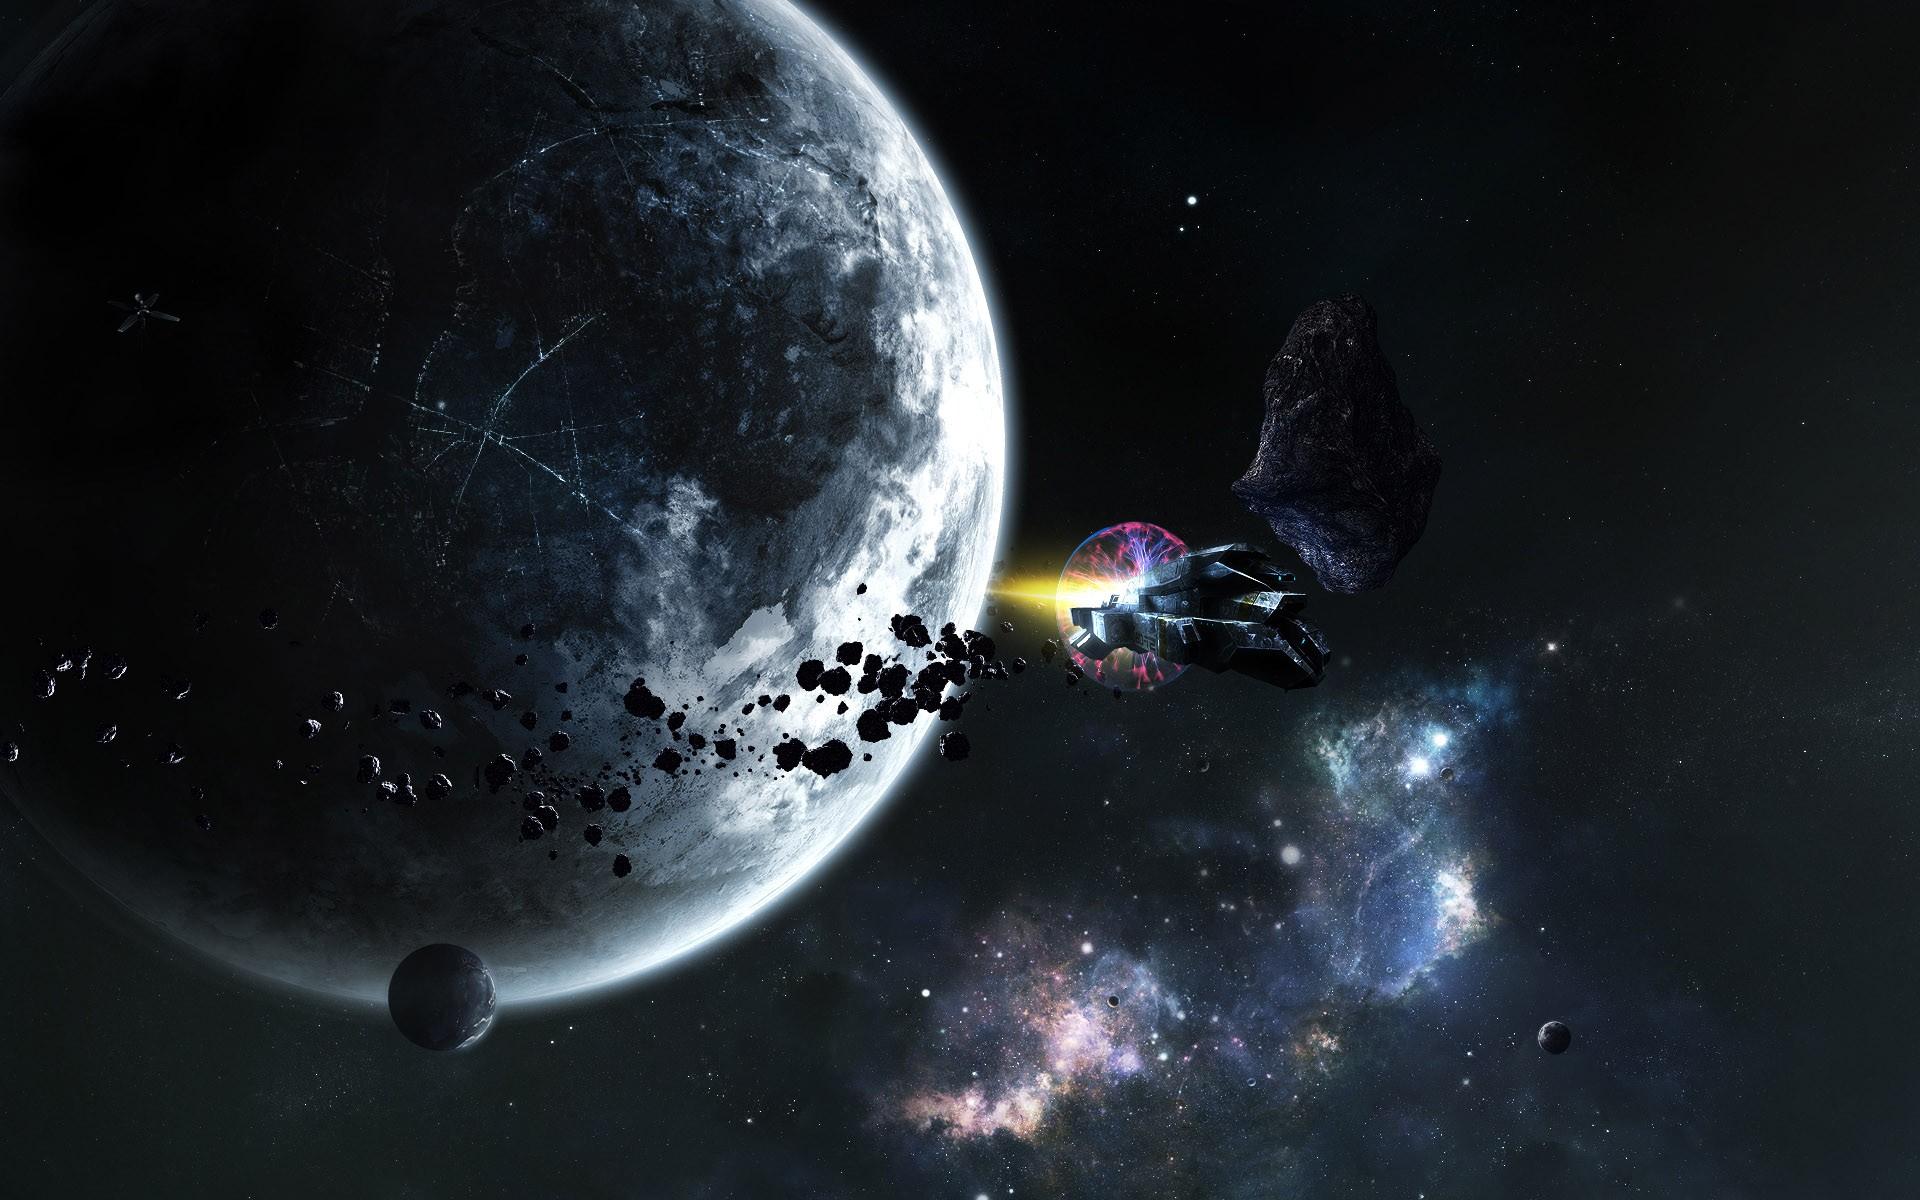 宇宙から見た地球 河出書房新社 最安値 高嶋上田のブログ